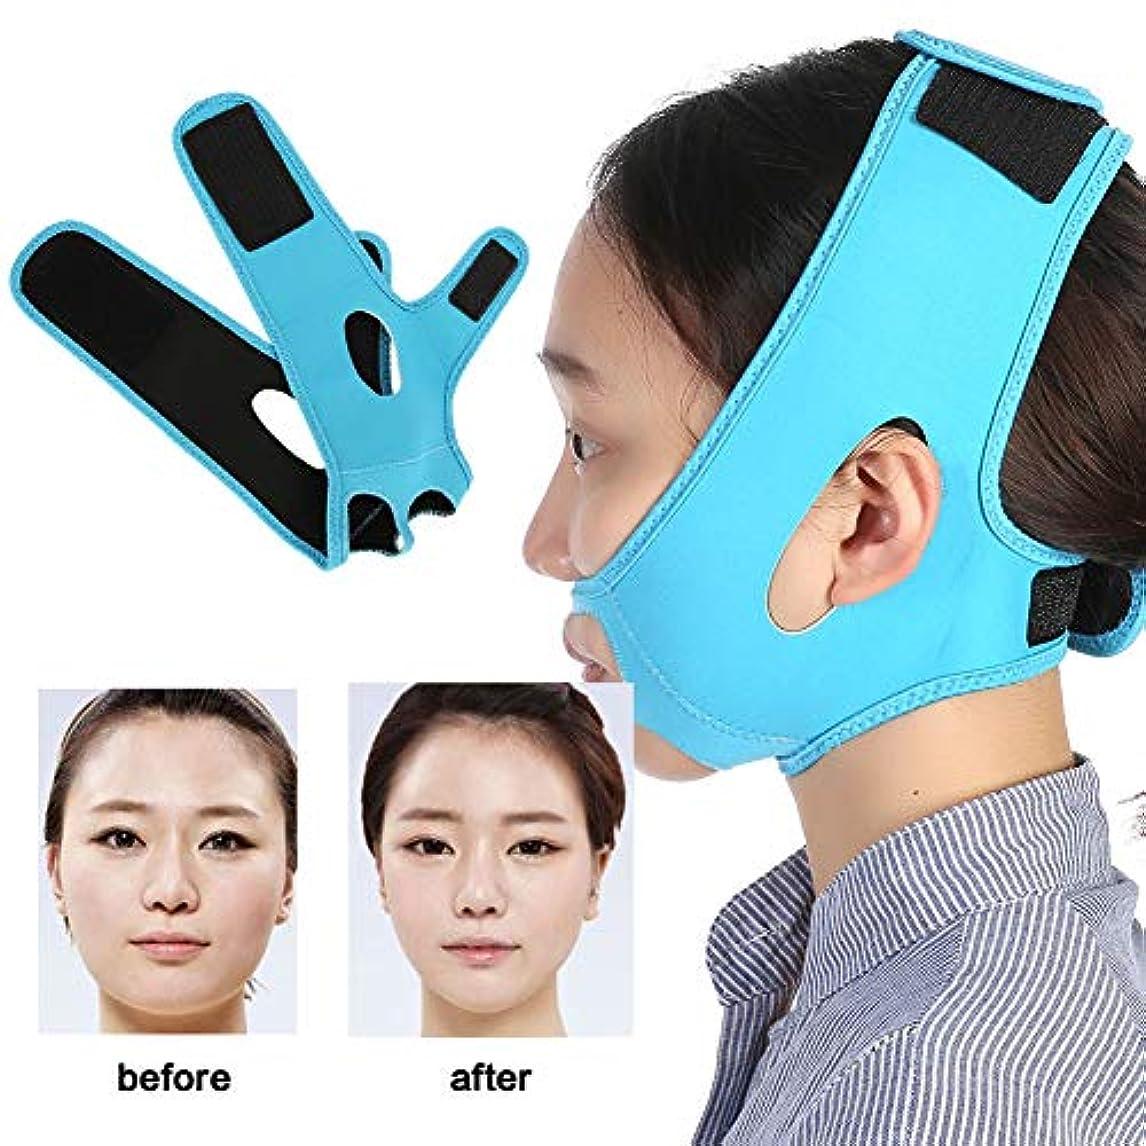 記念年金受給者優雅顔の輪郭を改善するためのフェイスマスクのスリム化 Vフェイス美容包帯 通気性/伸縮性/非変形性